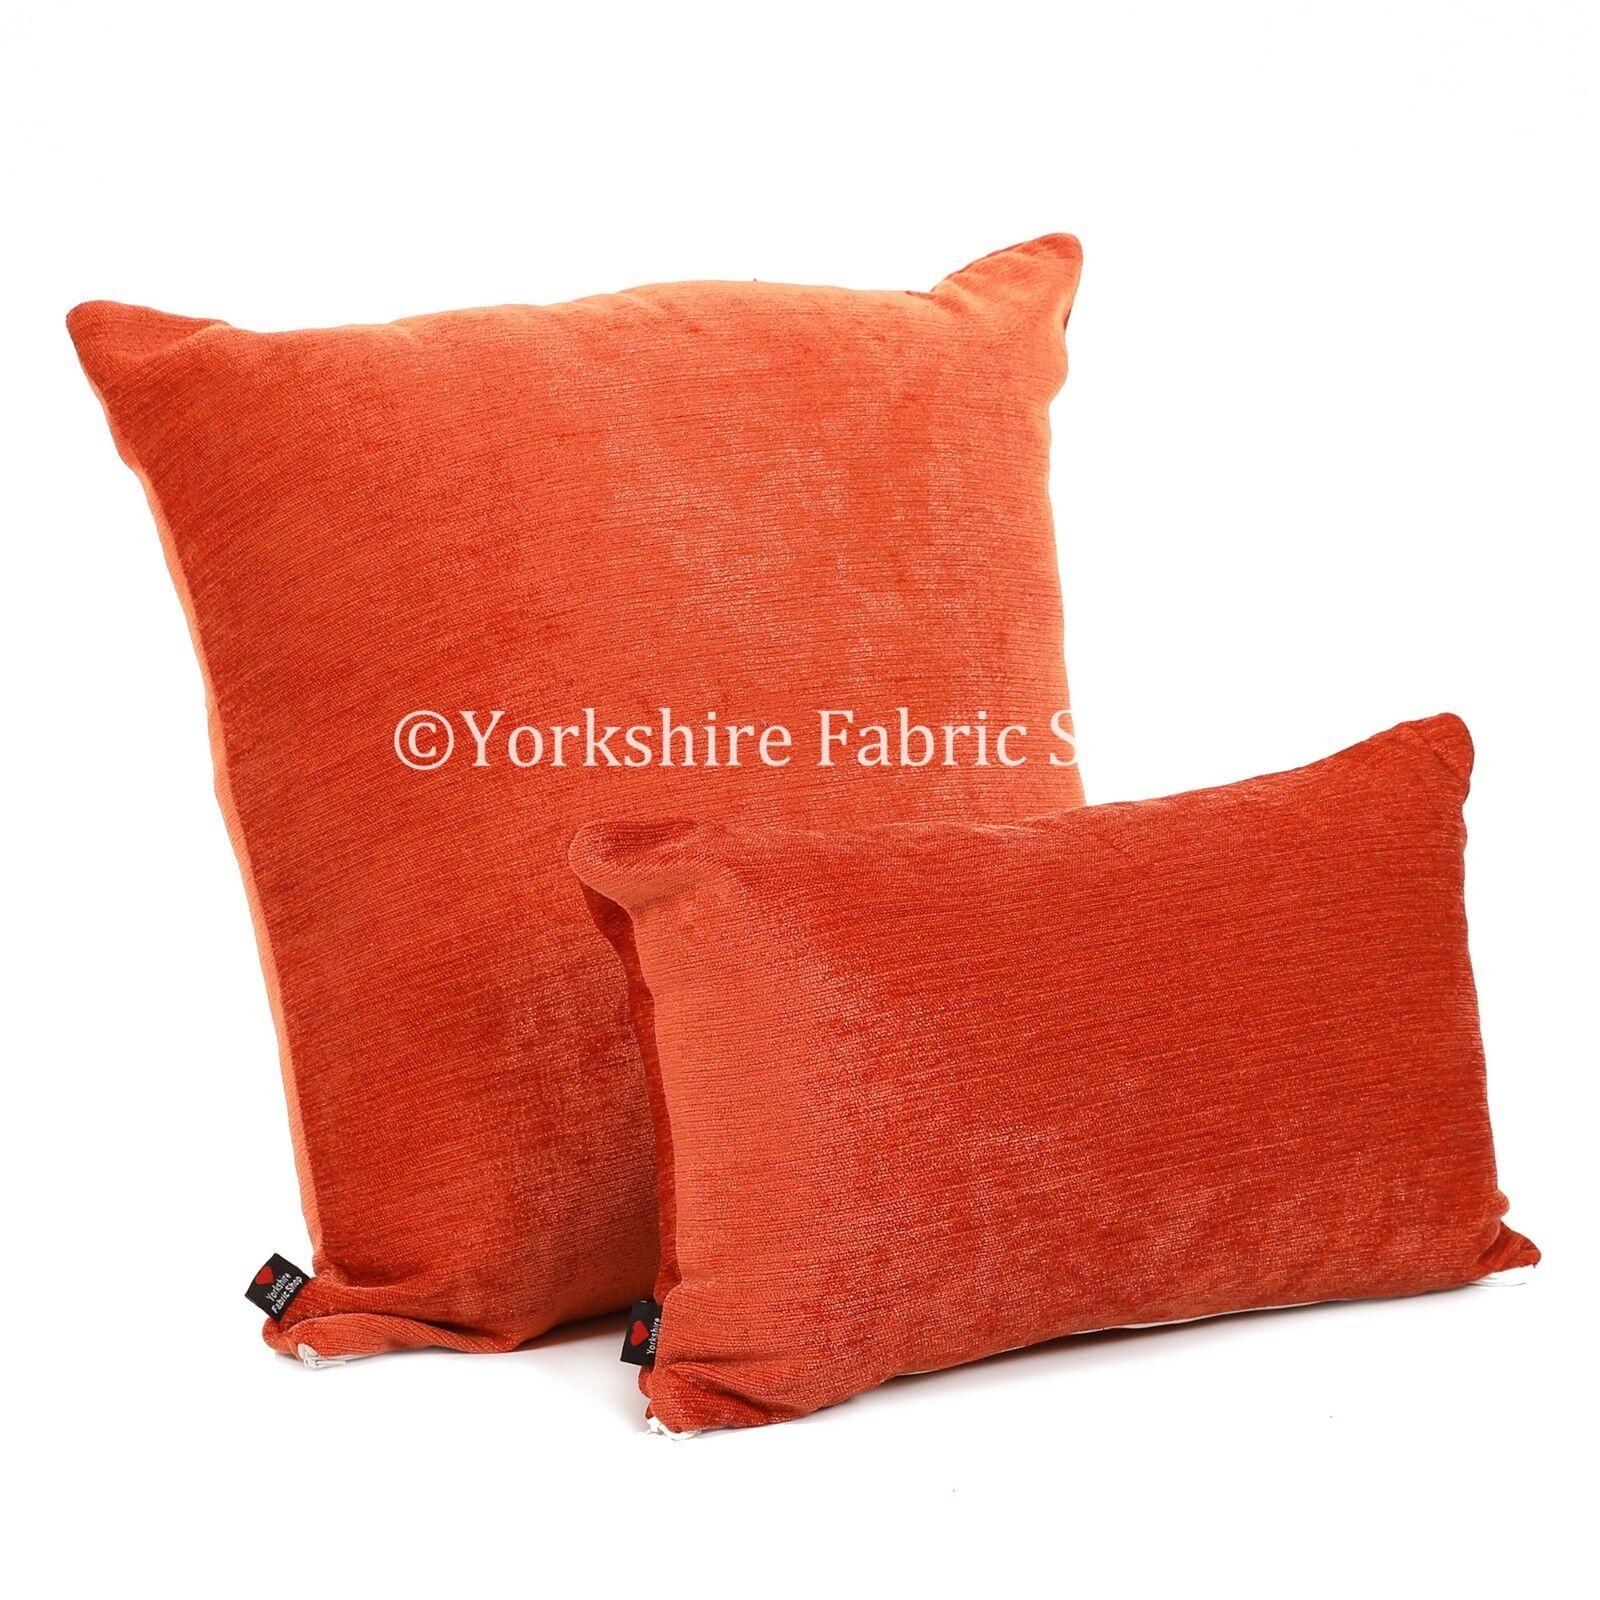 Nouveau designer texturé luxueux doux chenille handmade cushion cover & & cover remplissage 296e59